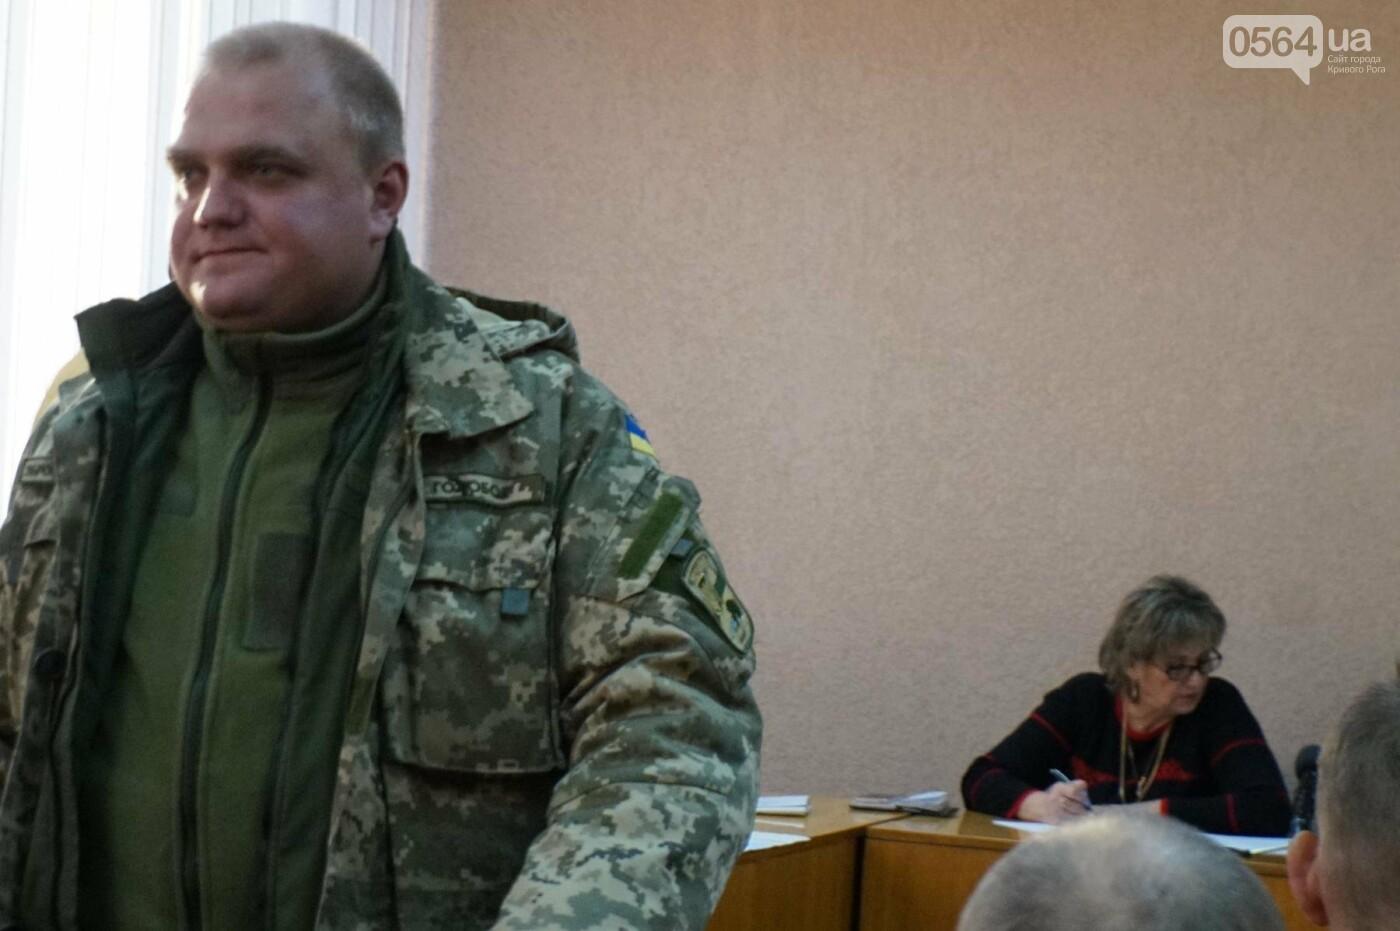 В Кривом Роге 52 бойца АТО получили землю под строительство жилья (ФОТО), фото-13